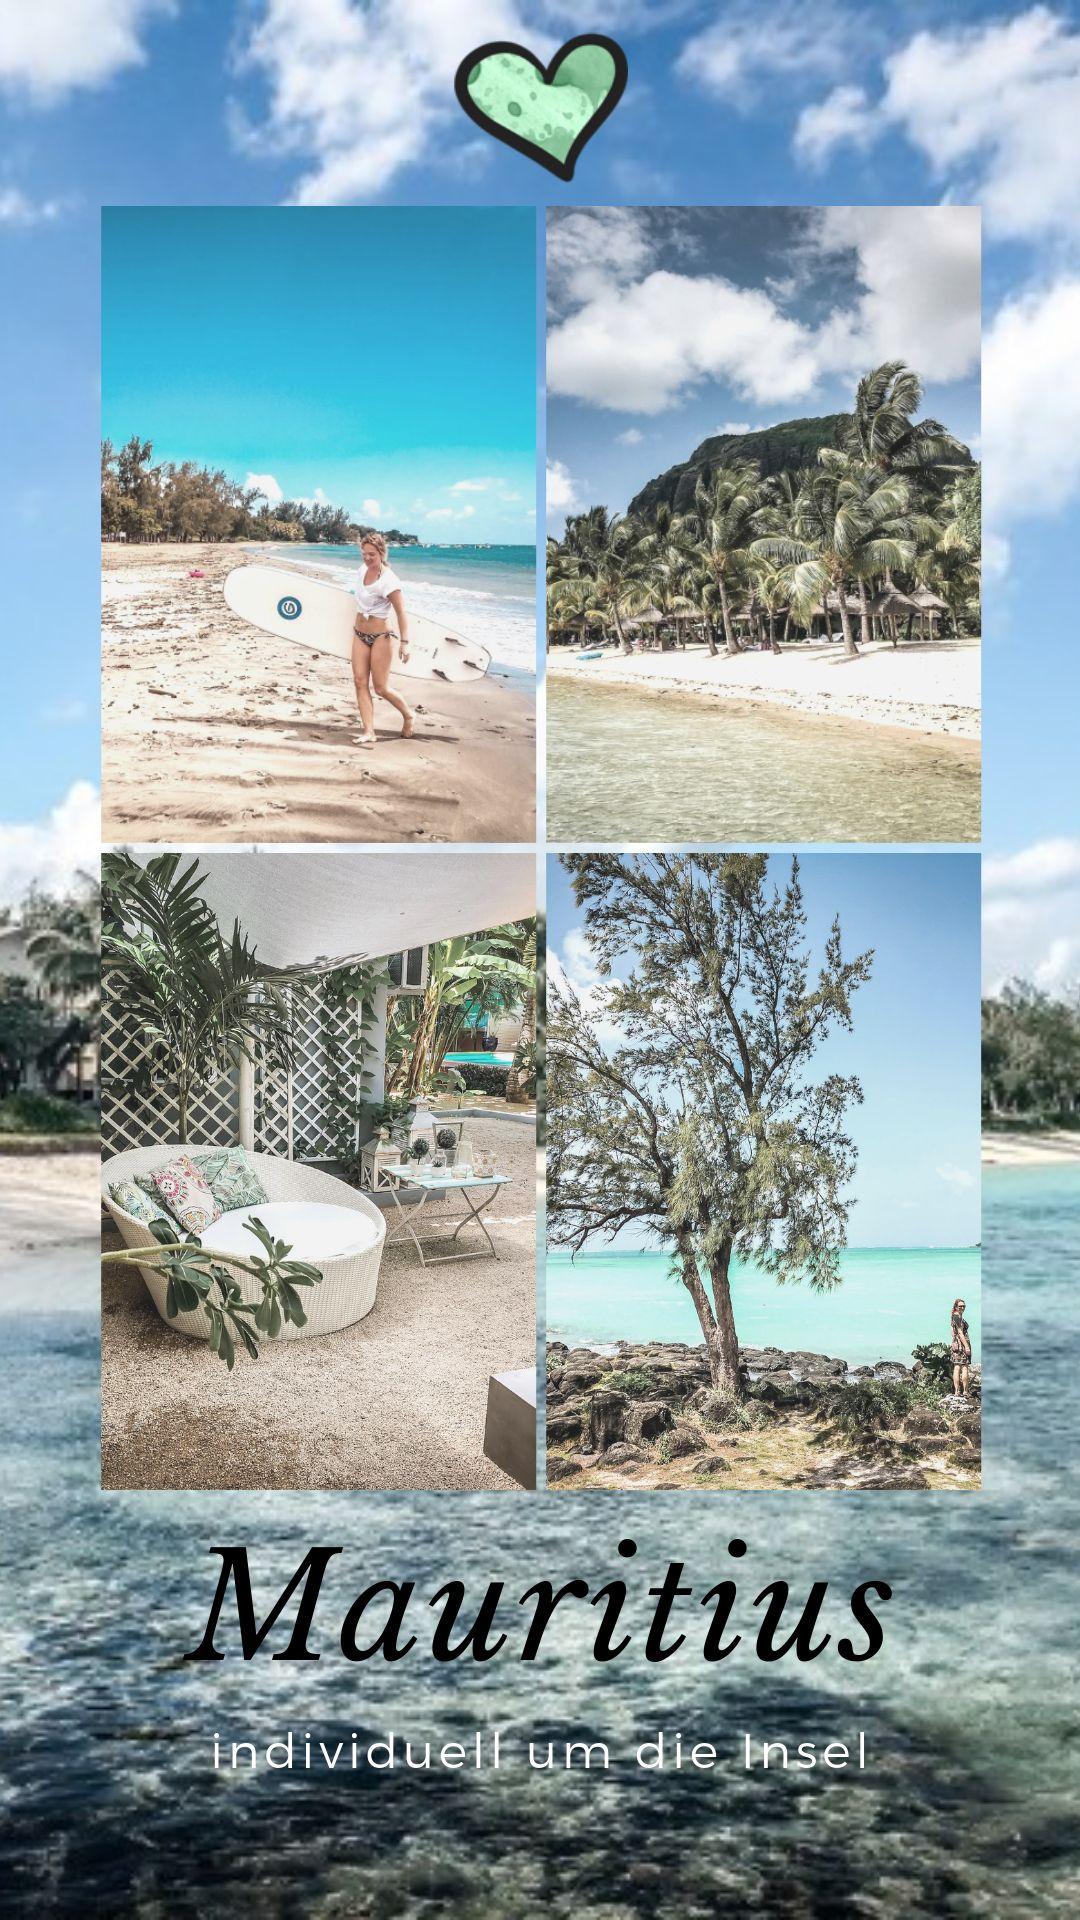 So Geht Mauritius Individuell Mit Dem Mietwagen Um Die Insel Lieblingsspot Mauritius Urlaub Mauritius Reise Packliste